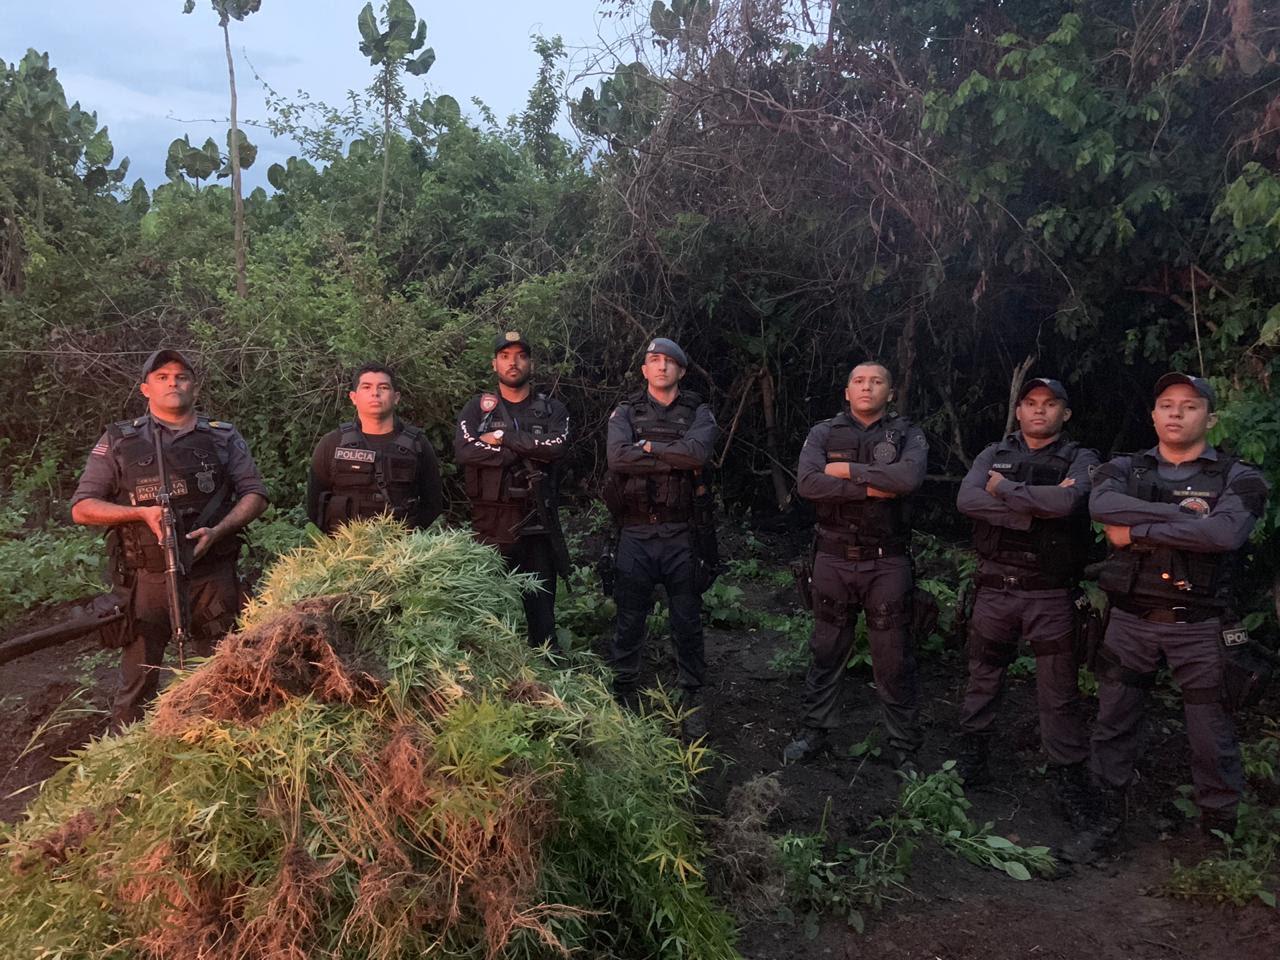 Polícia apreende 2 mil pés de maconha em Vitória do Mearim